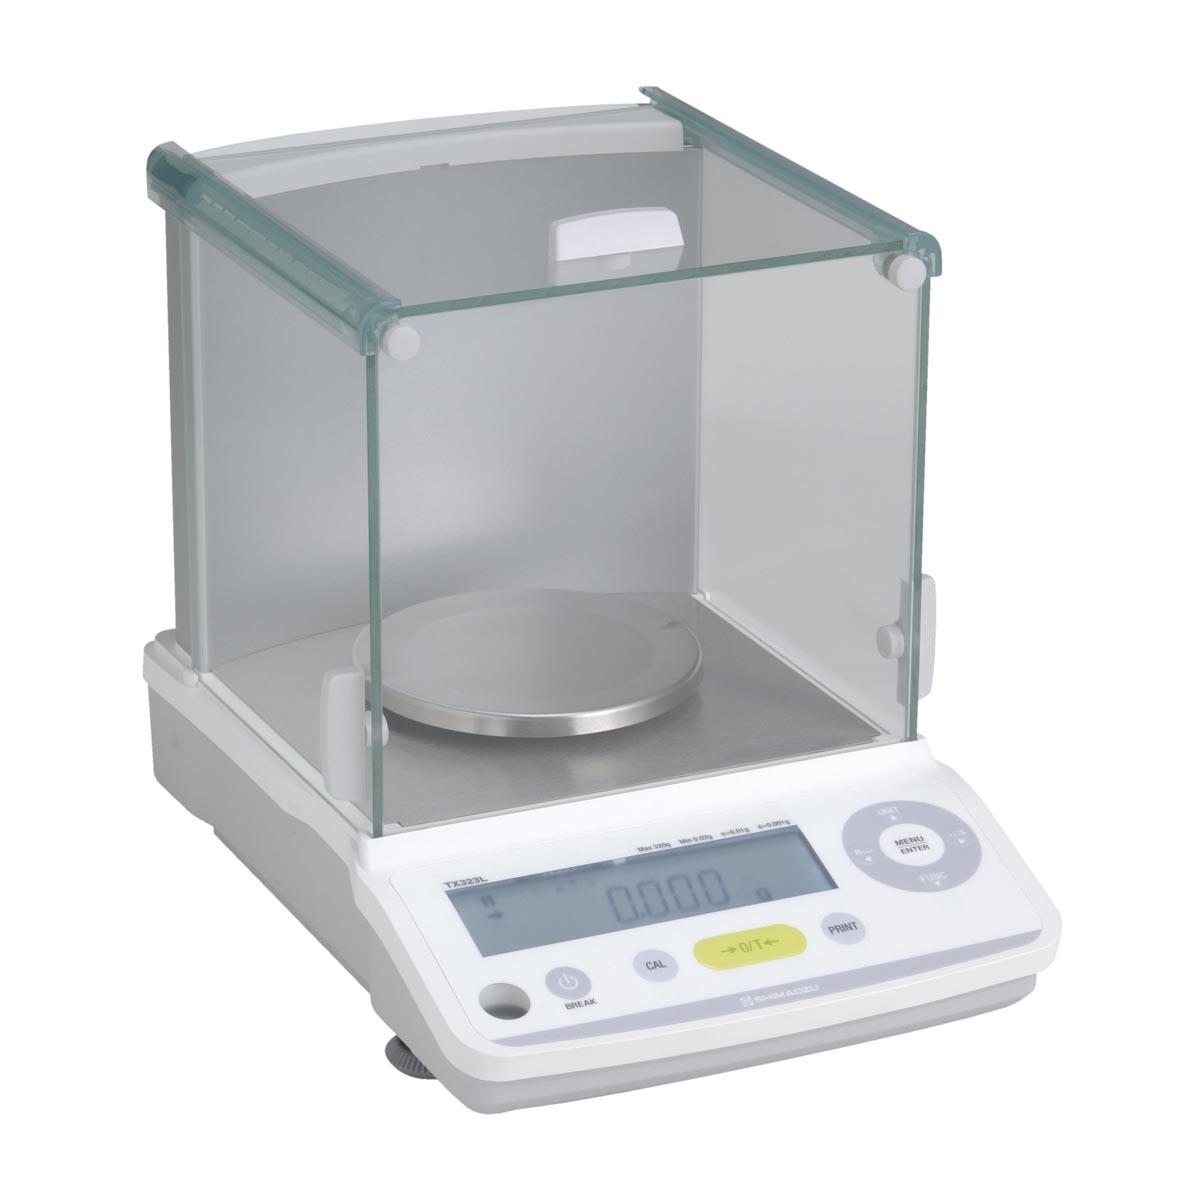 超安い 島津製作所 電子てんびん TX4202N:GAOS 店-DIY・工具